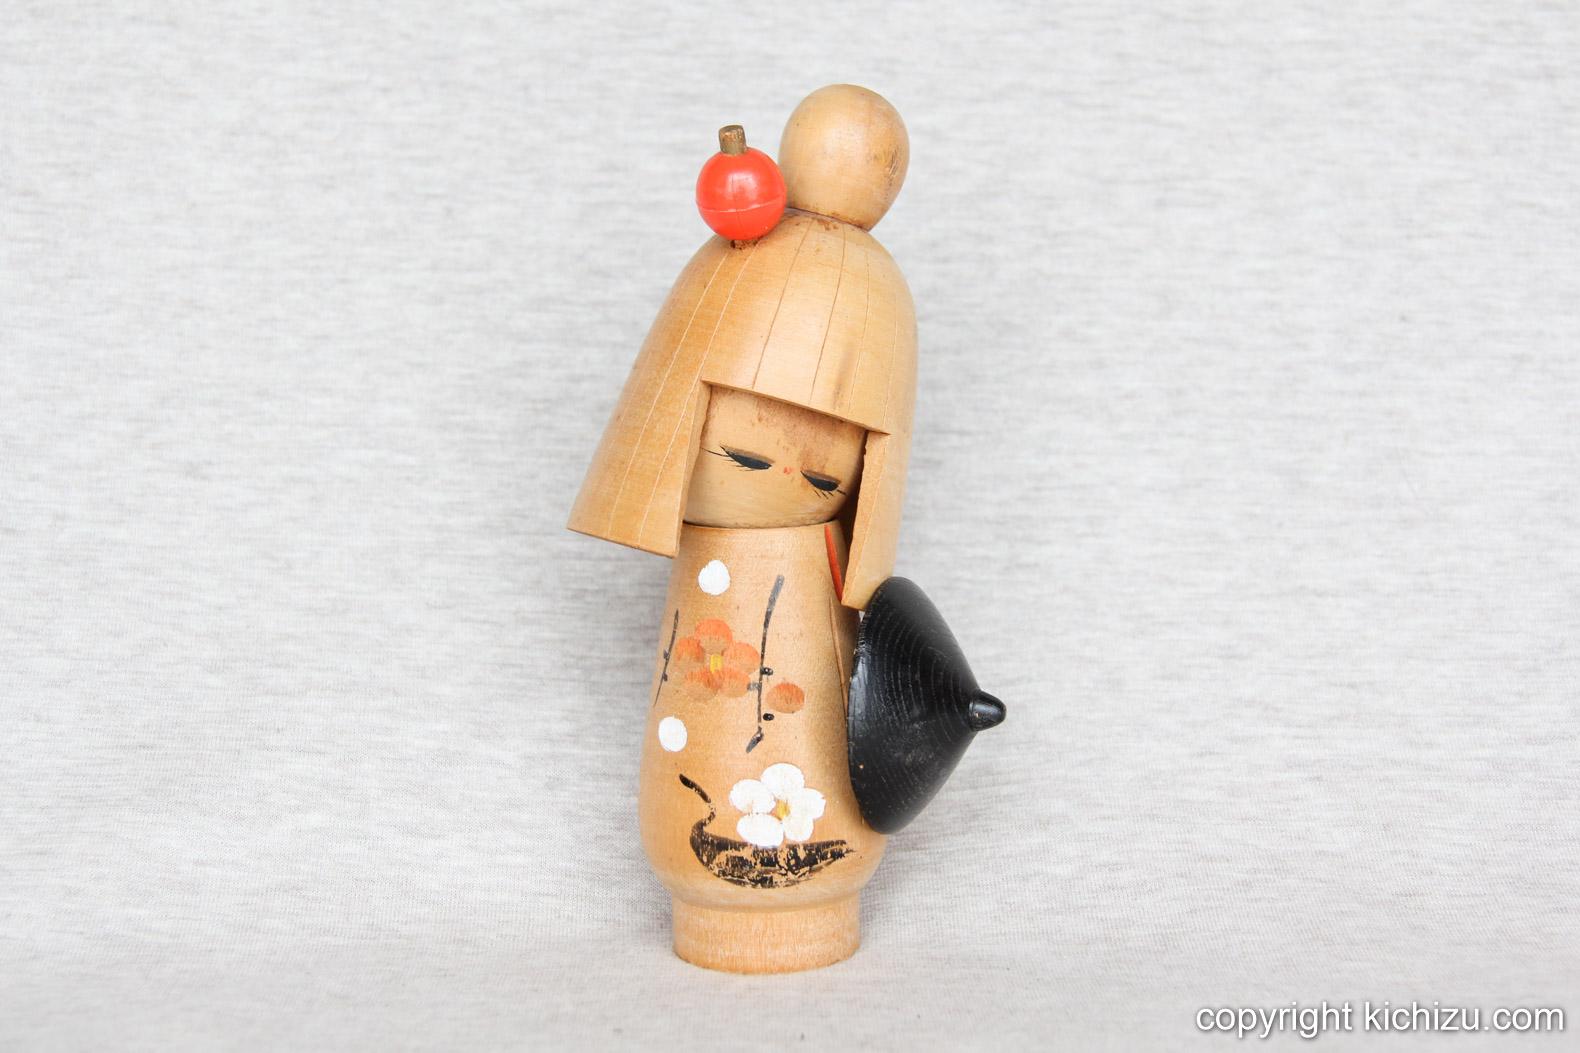 赤い簪(かんざし)を付け、黒い傘を持つ女性。洋服には桜と鶴が描かれている